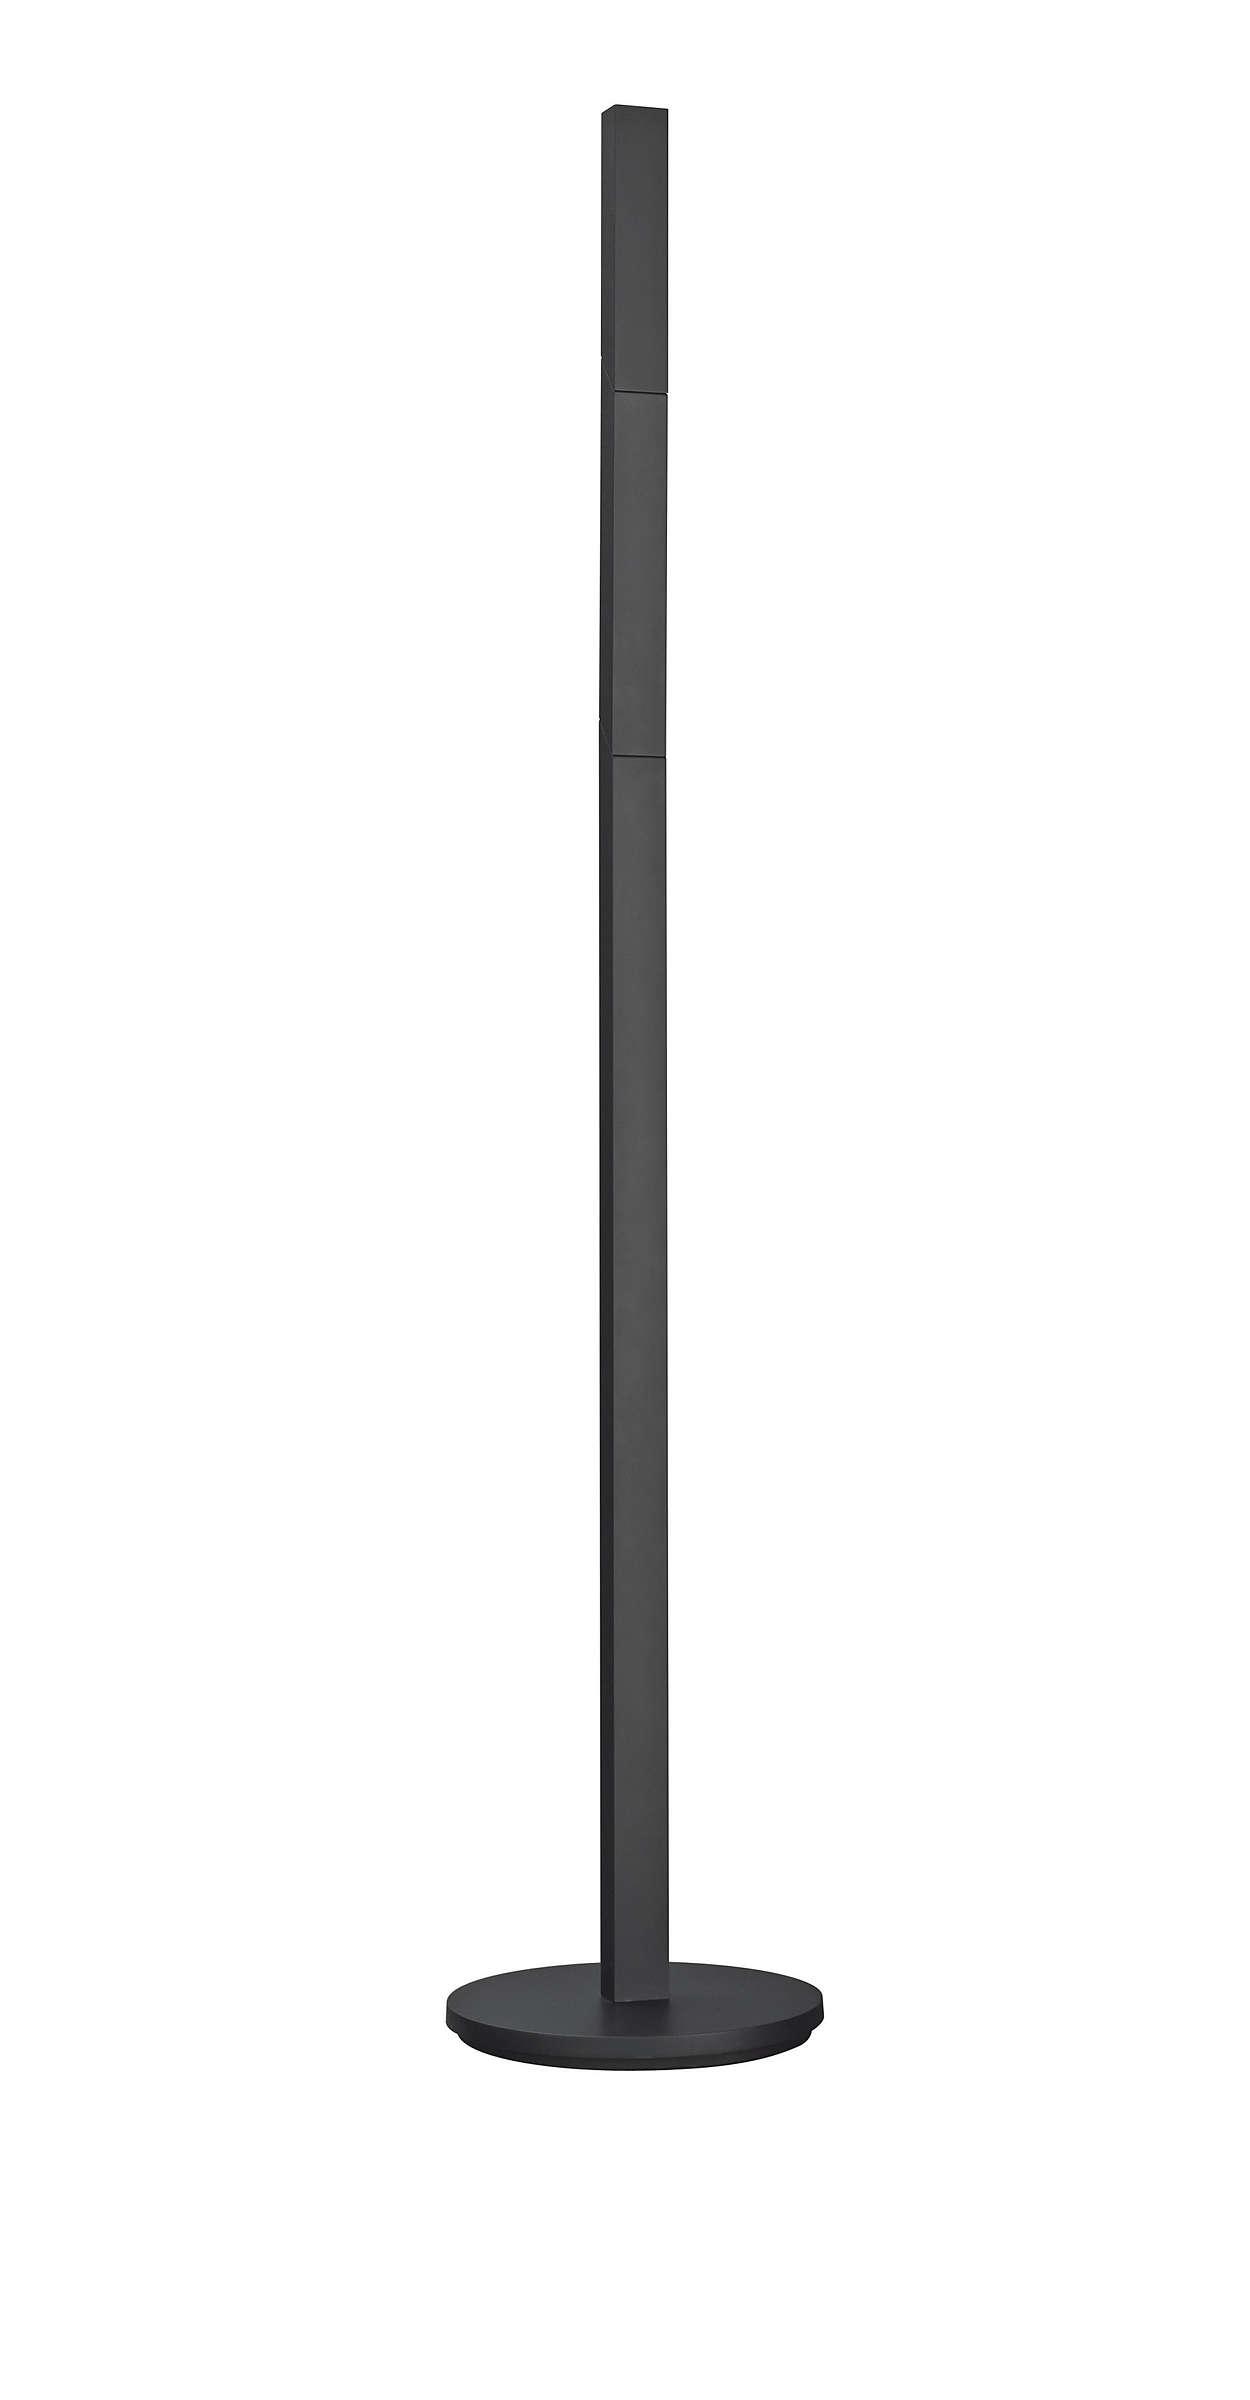 ¿Qué puedes hacer con una línea recta?